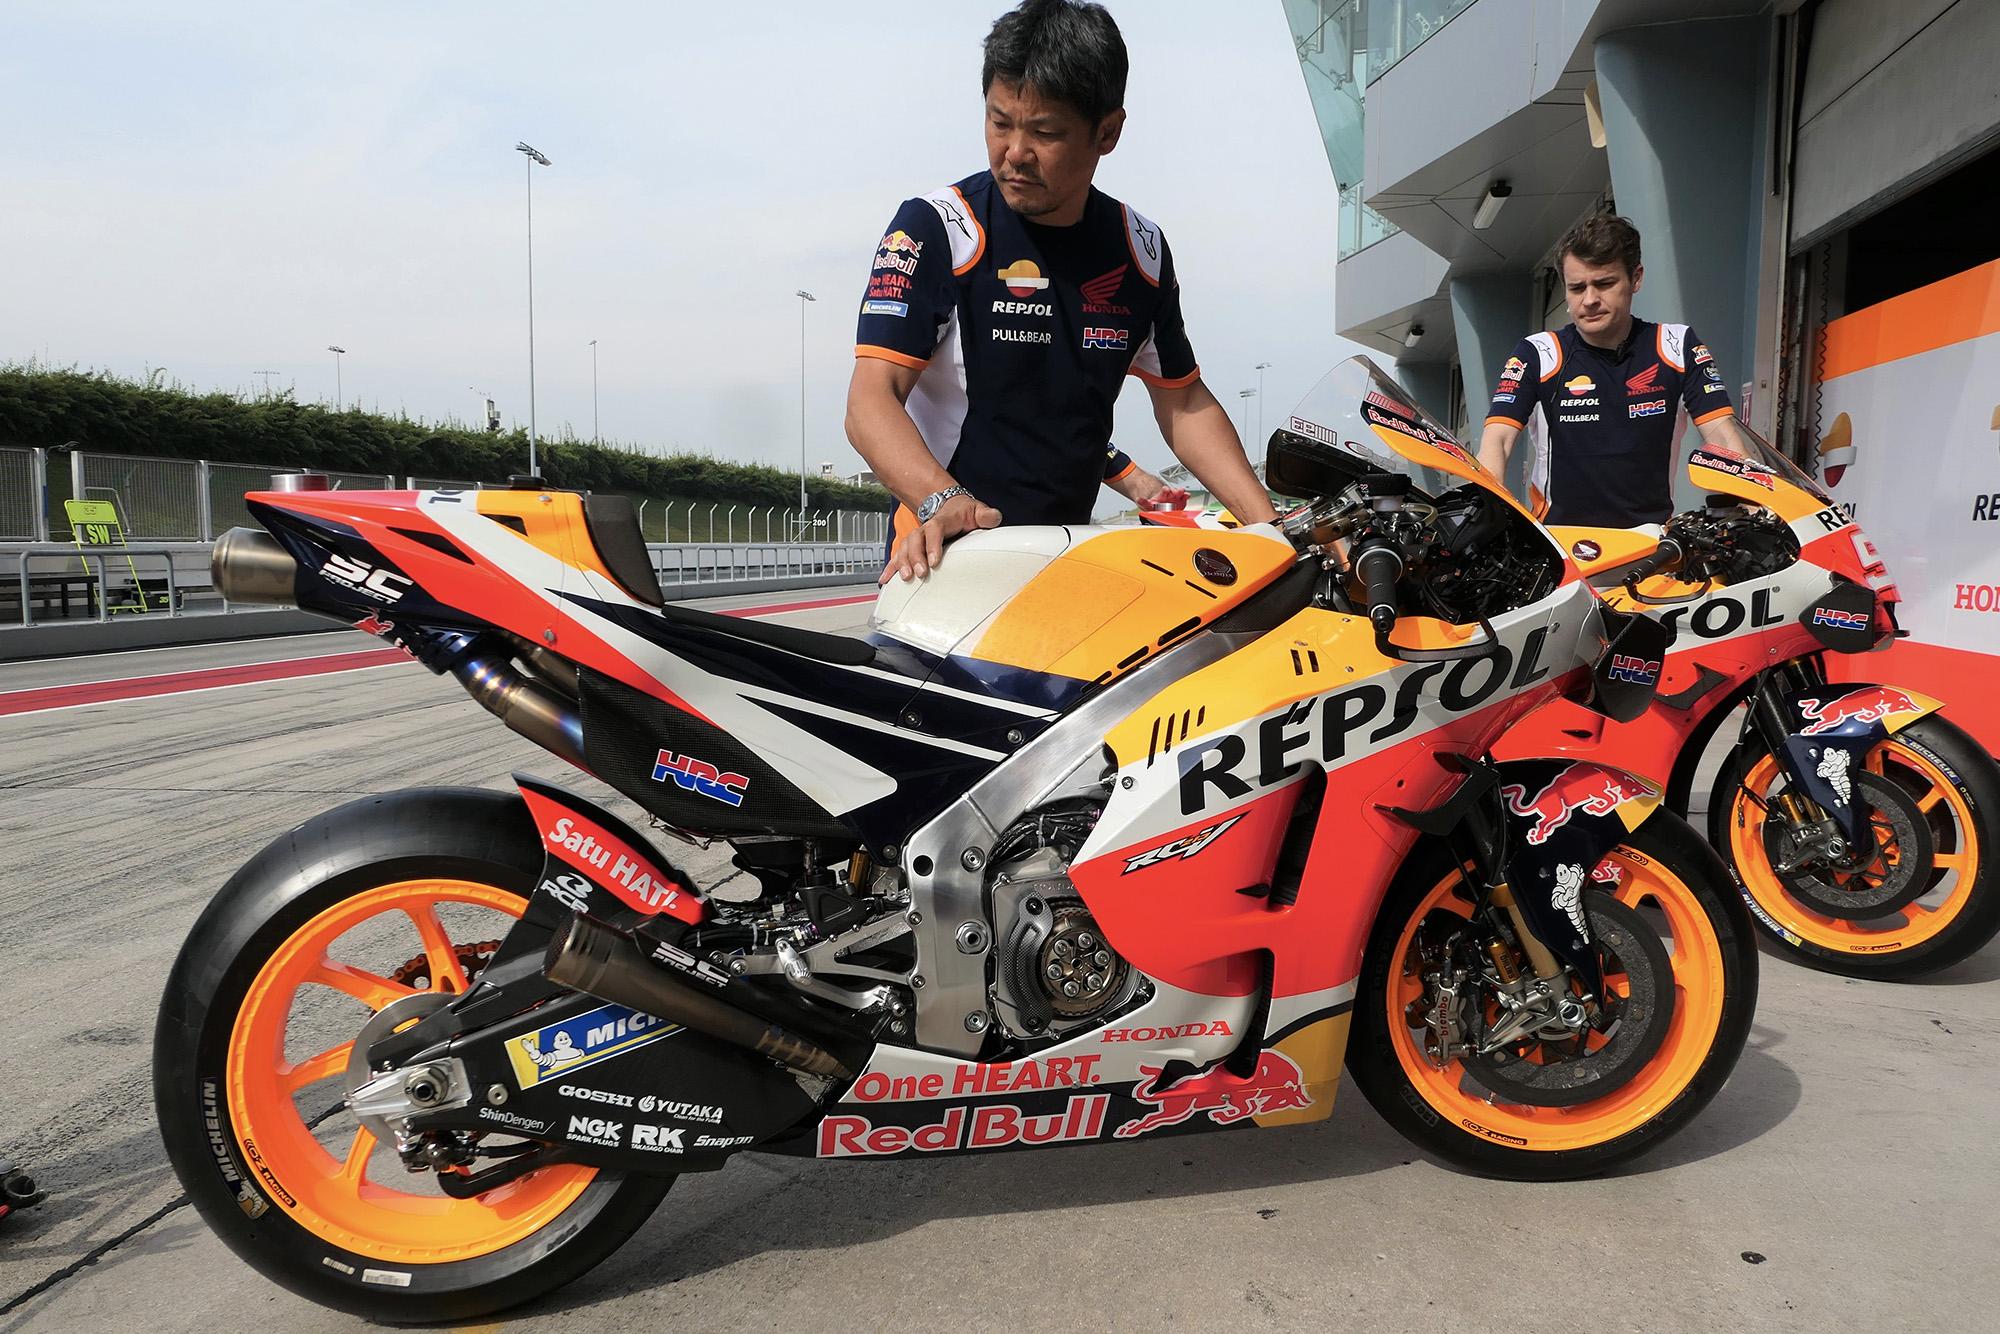 Marc Marquez's Honda in 2020 Sepang pre-season MotoGP testing